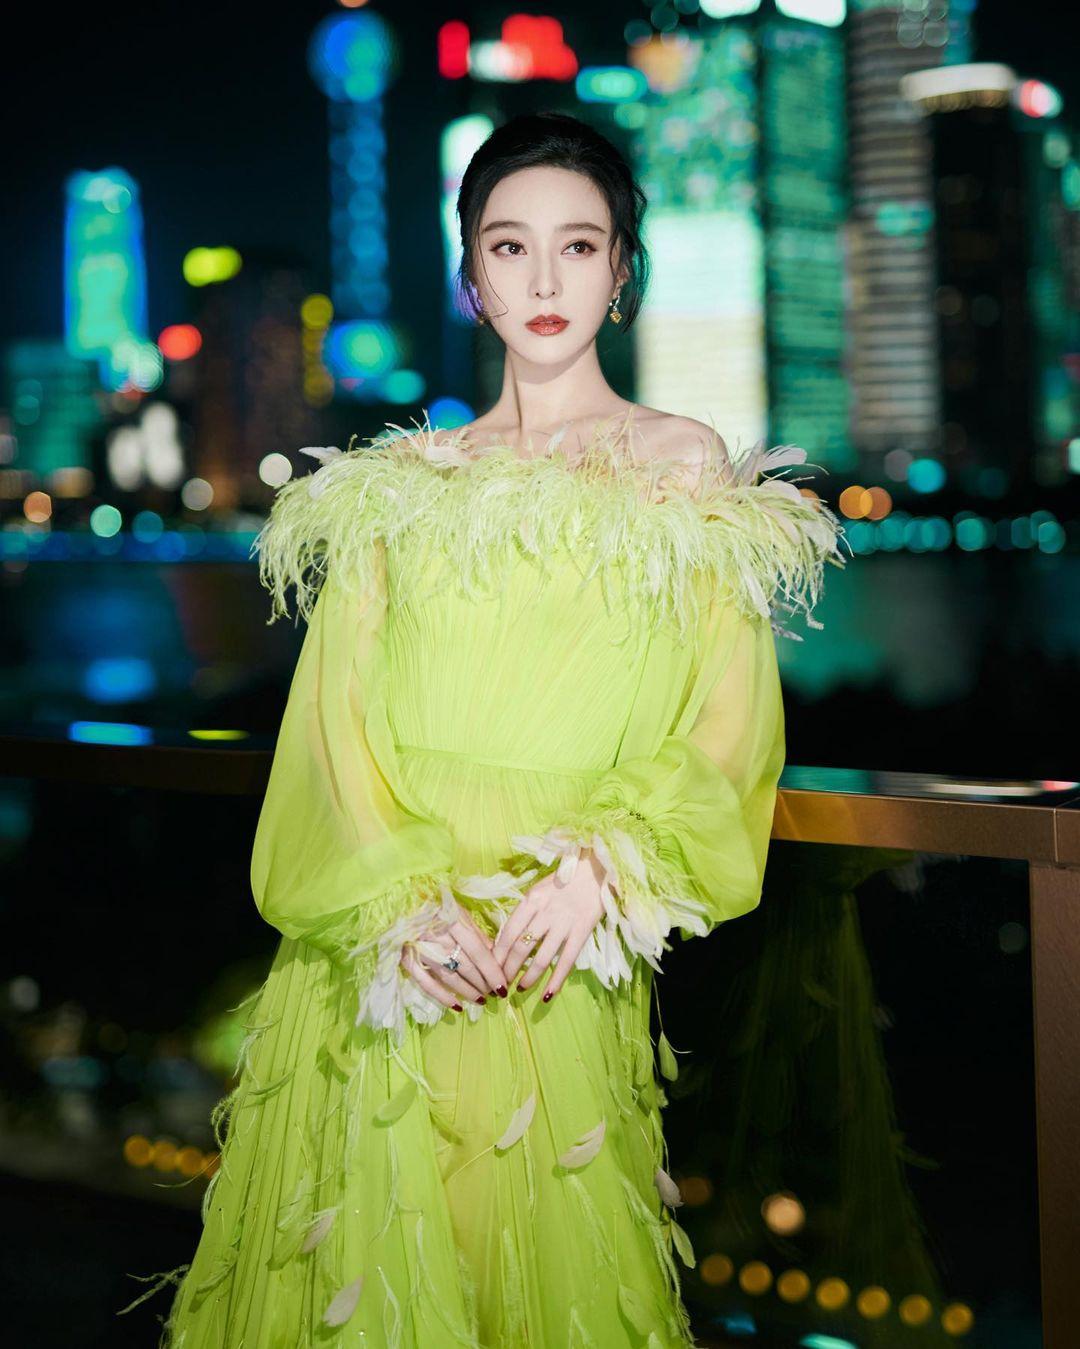 Nữ thần Kim Ưng Tống Thiến cùng chọn thương hiệu váy giống Phạm Băng Băng: Người xinh như tiên tử, người mặc lên nhìn như hàng chợ 4